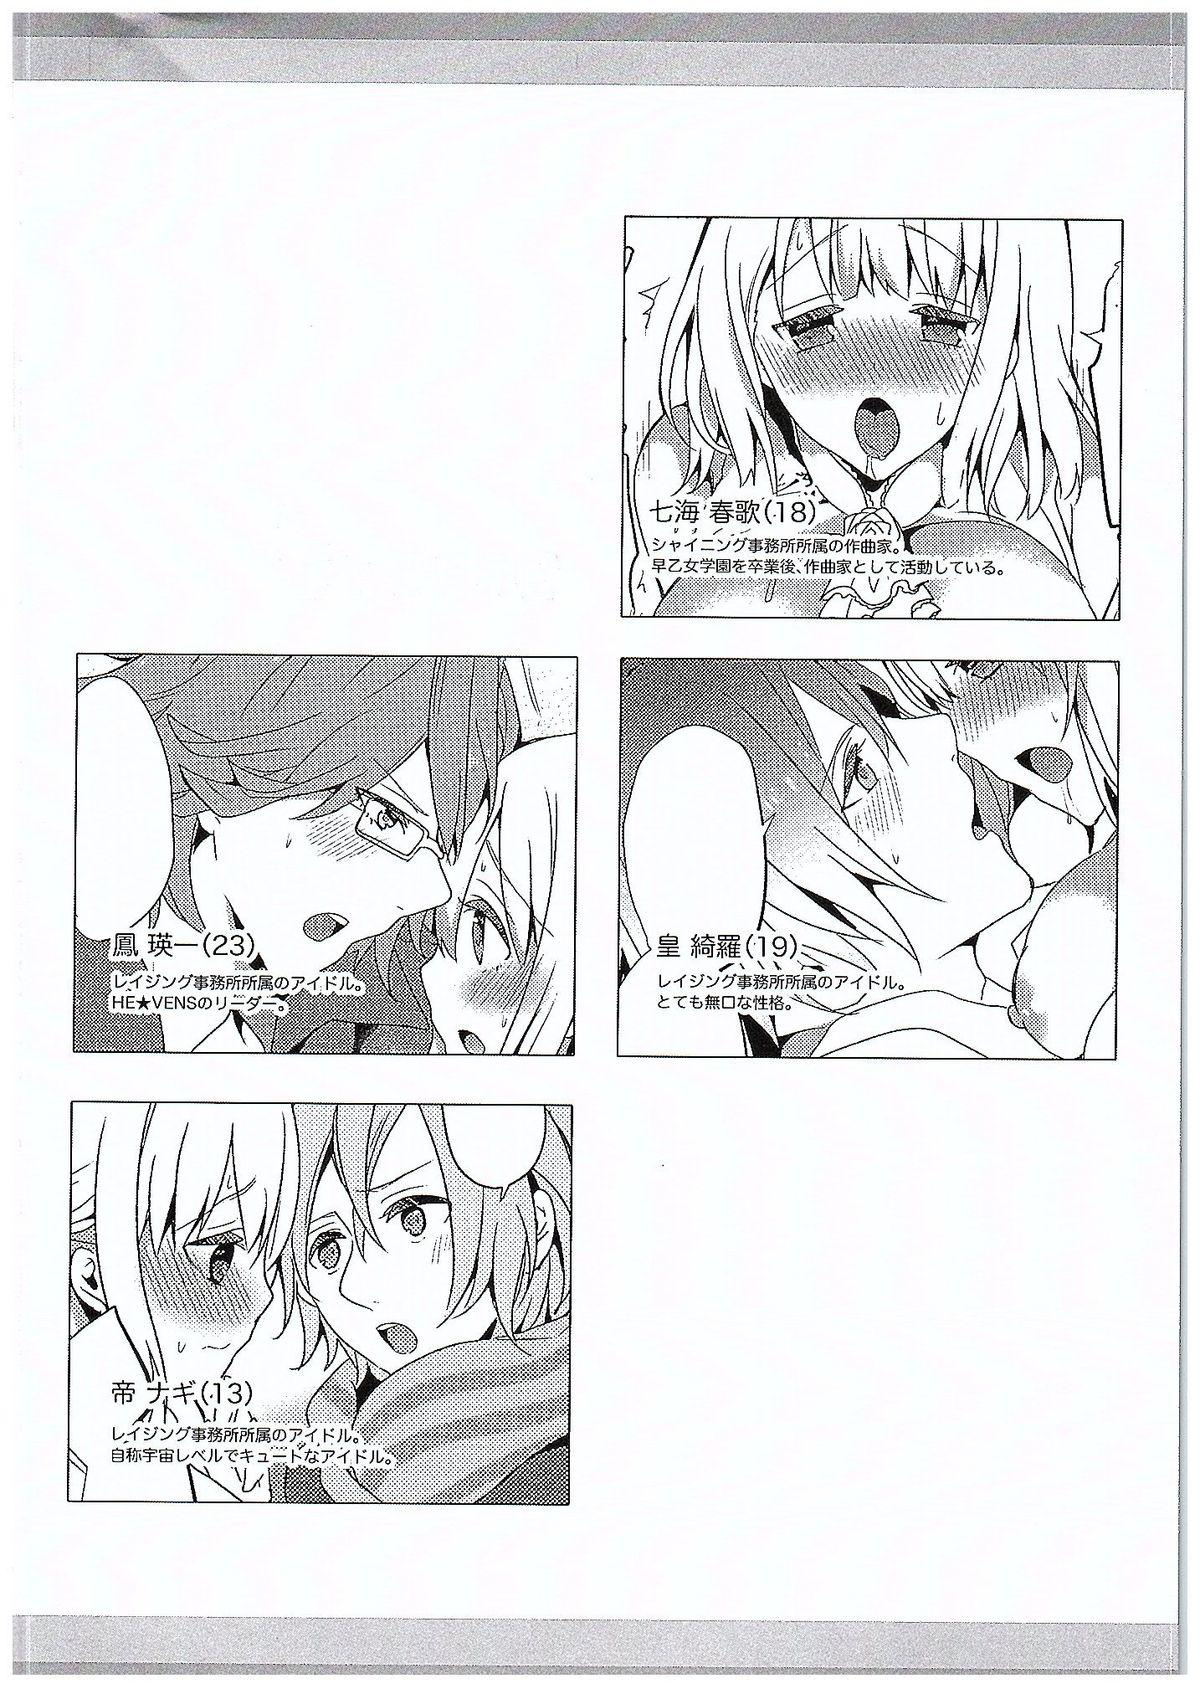 Kiss Game o Oshiete 2